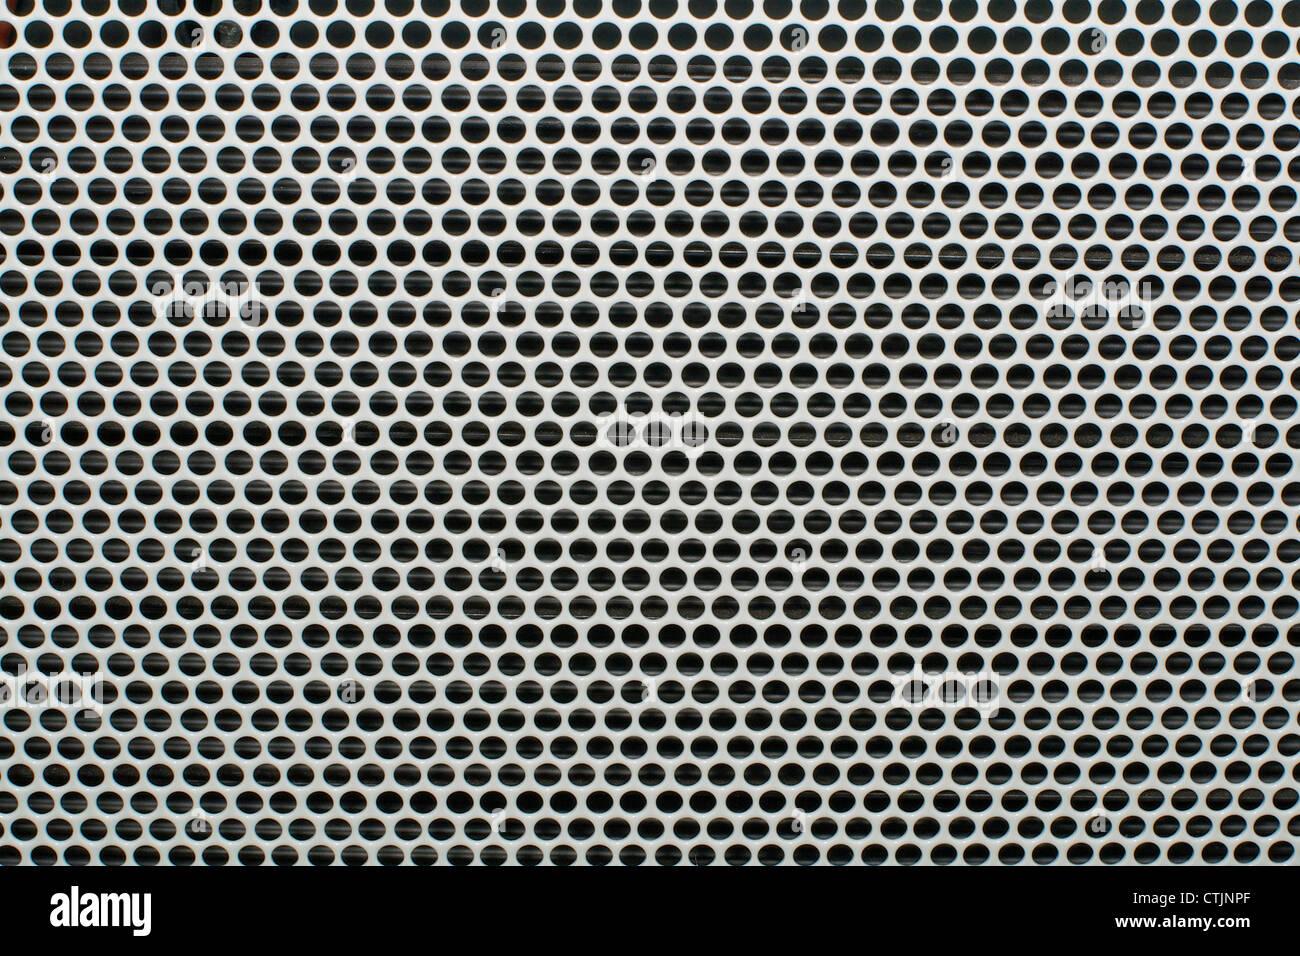 Closeup of a metal gray textured mesh - Stock Image